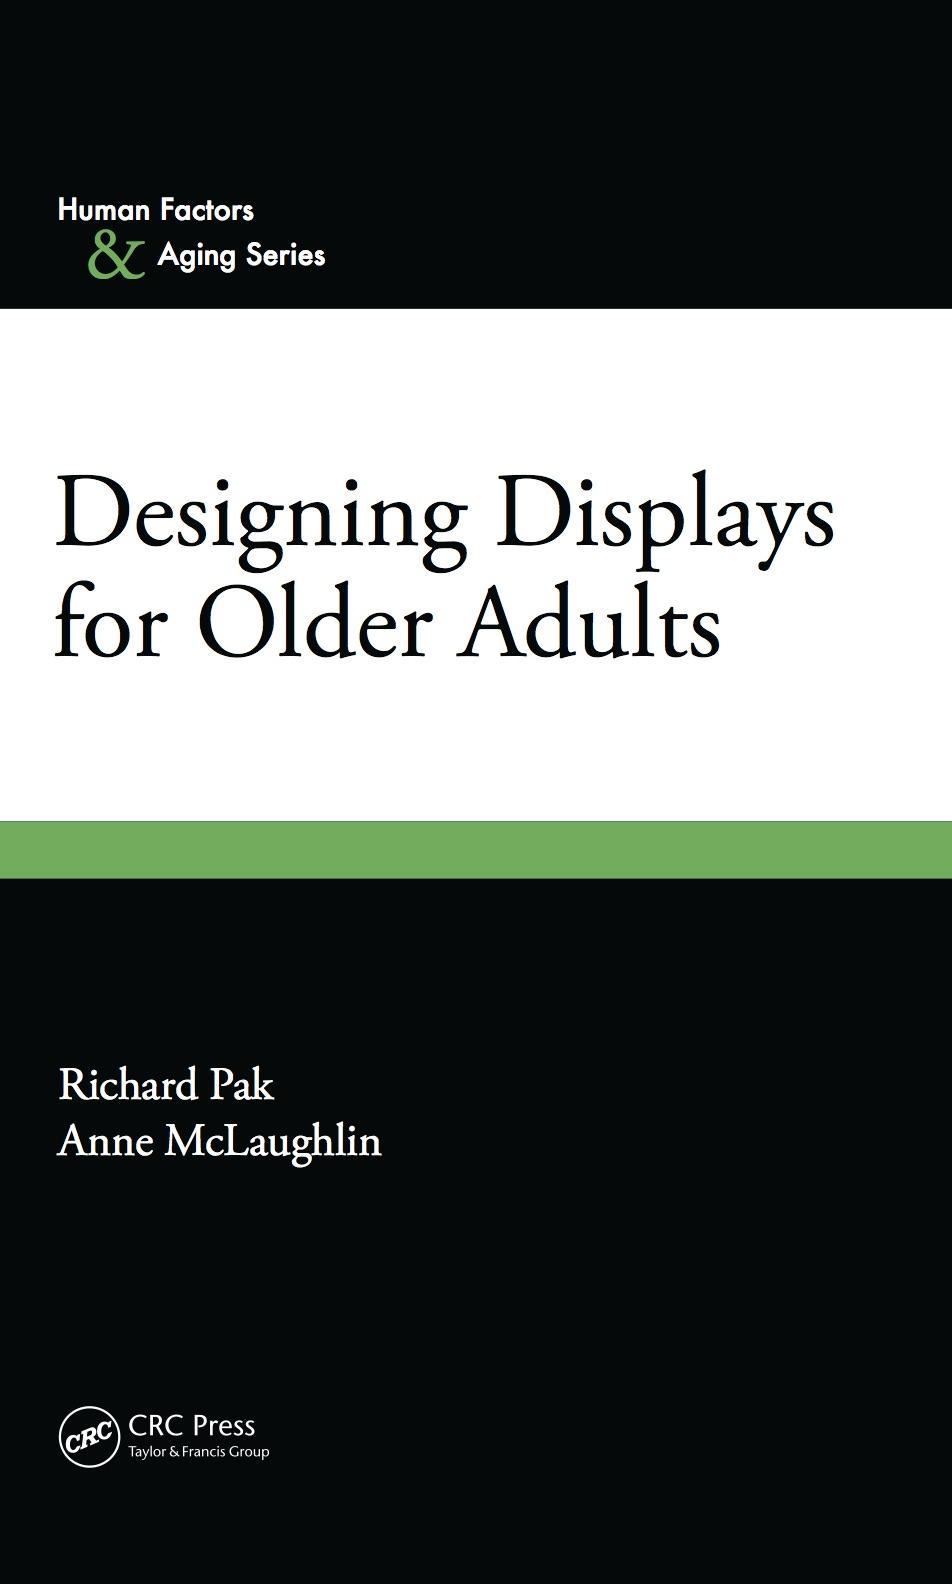 Designing Displays for Older Adults (2010)